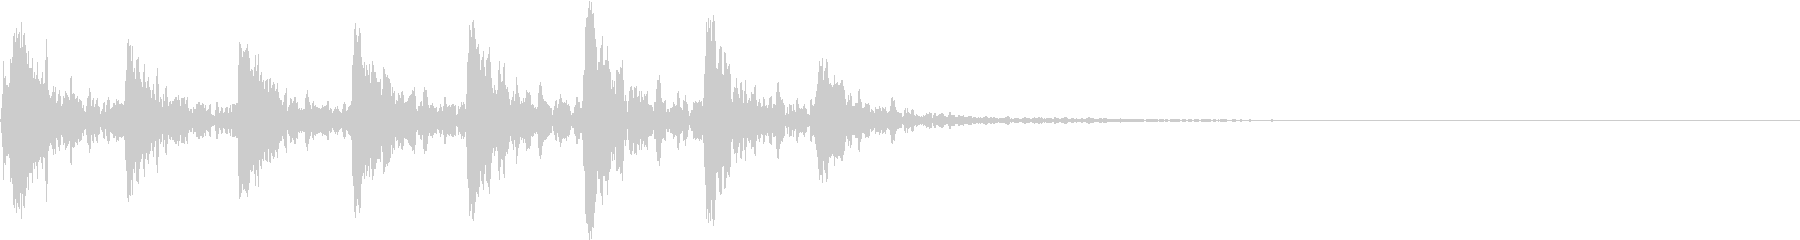 【生録音】小鳥のさえずり 野鳥 1の未再生の波形